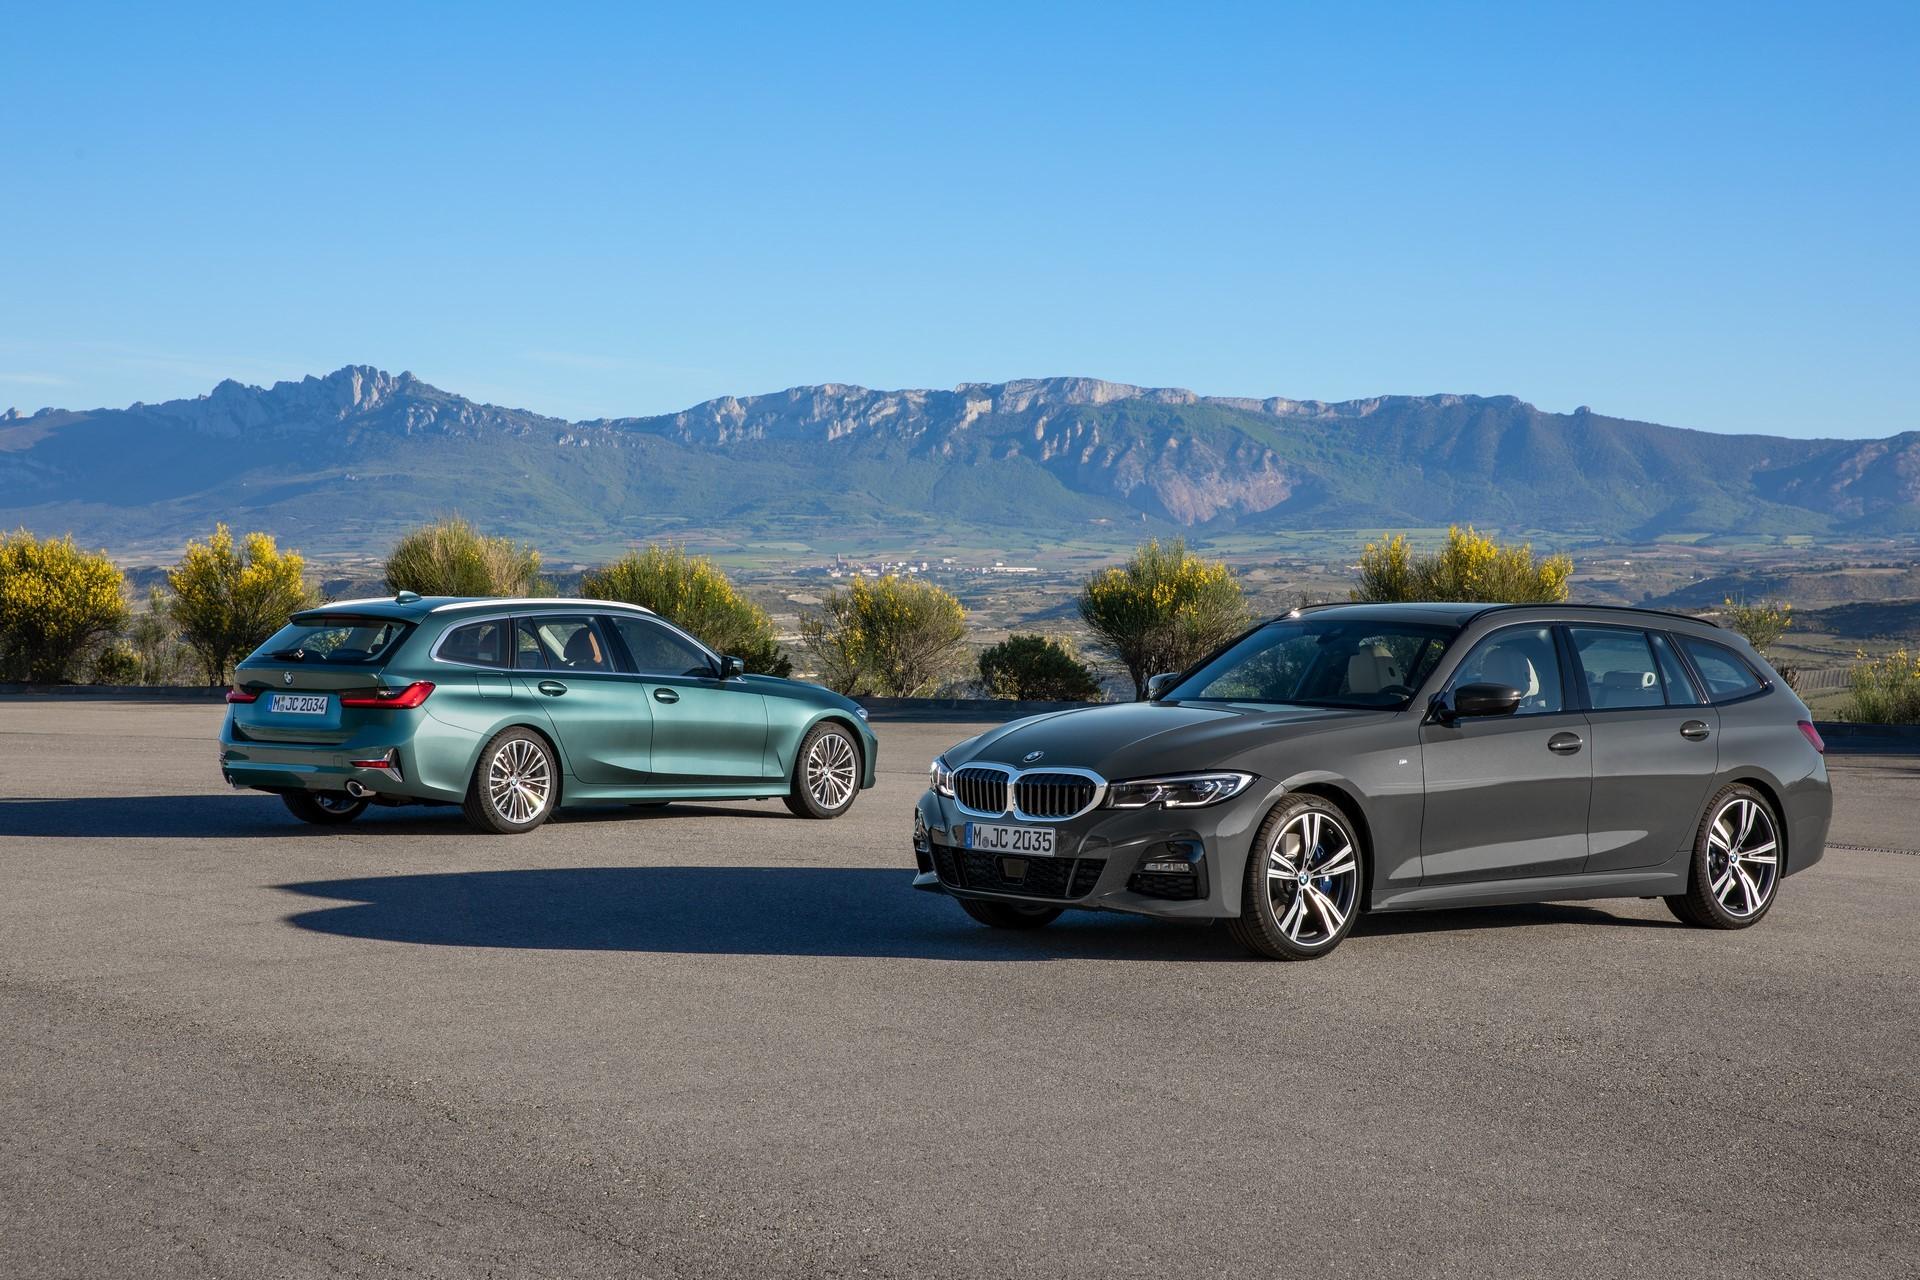 BMW-3-Series-Touring-2019-1